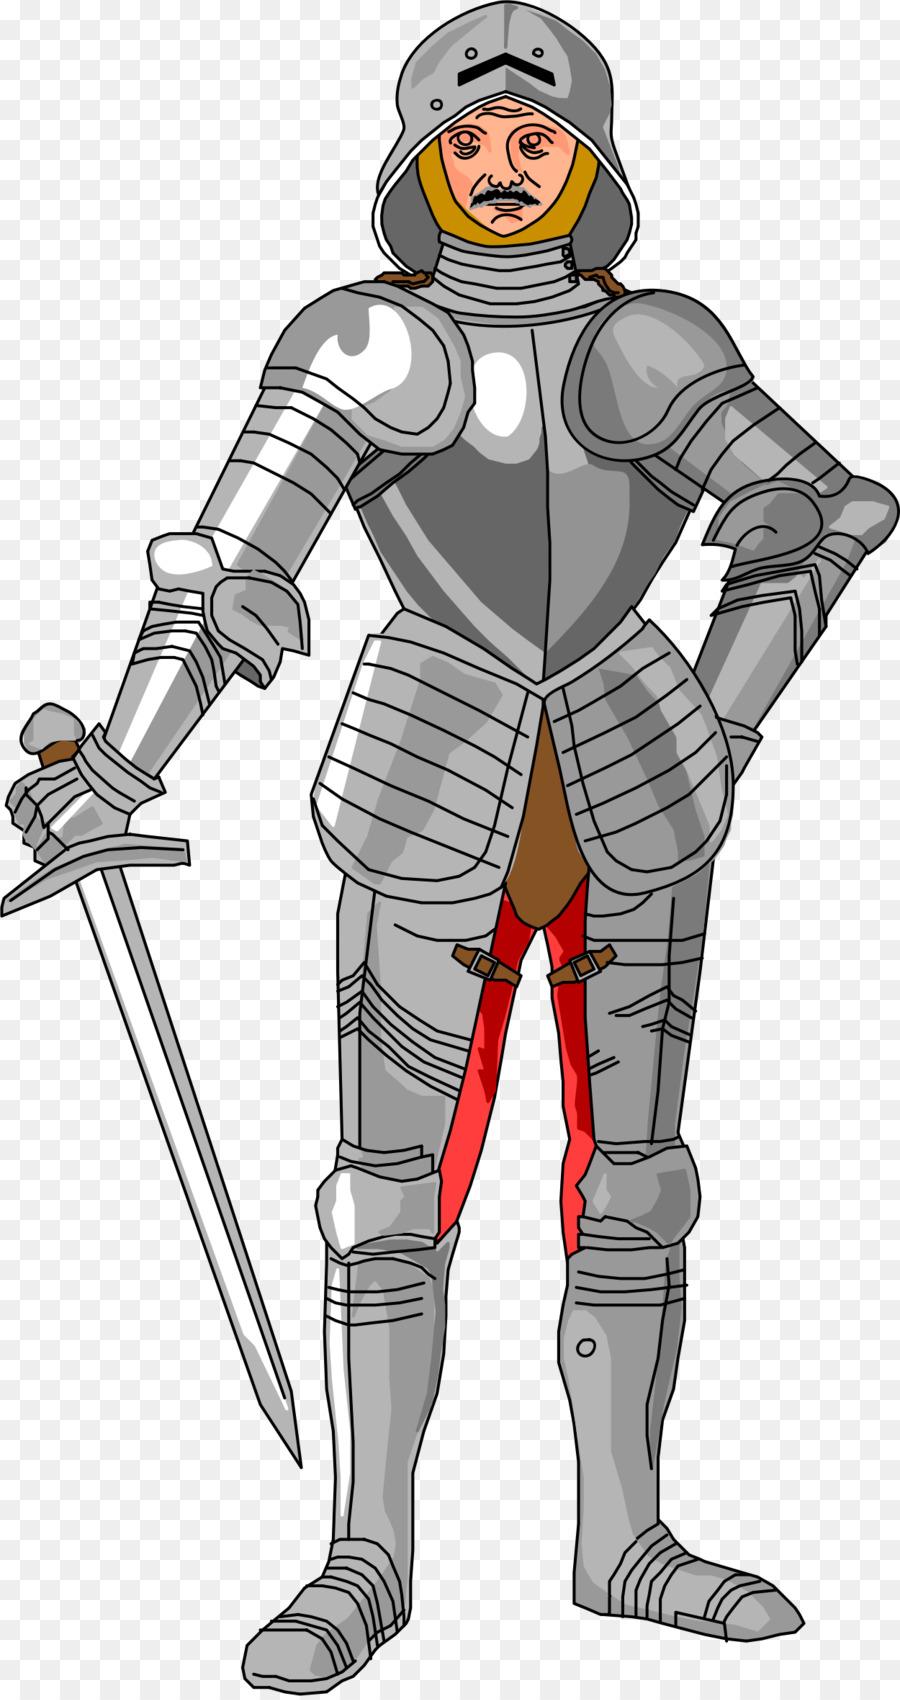 Clipart medieval knight image royalty free stock Superhero Cartoon clipart - Knight, Cartoon, Superhero, transparent ... image royalty free stock